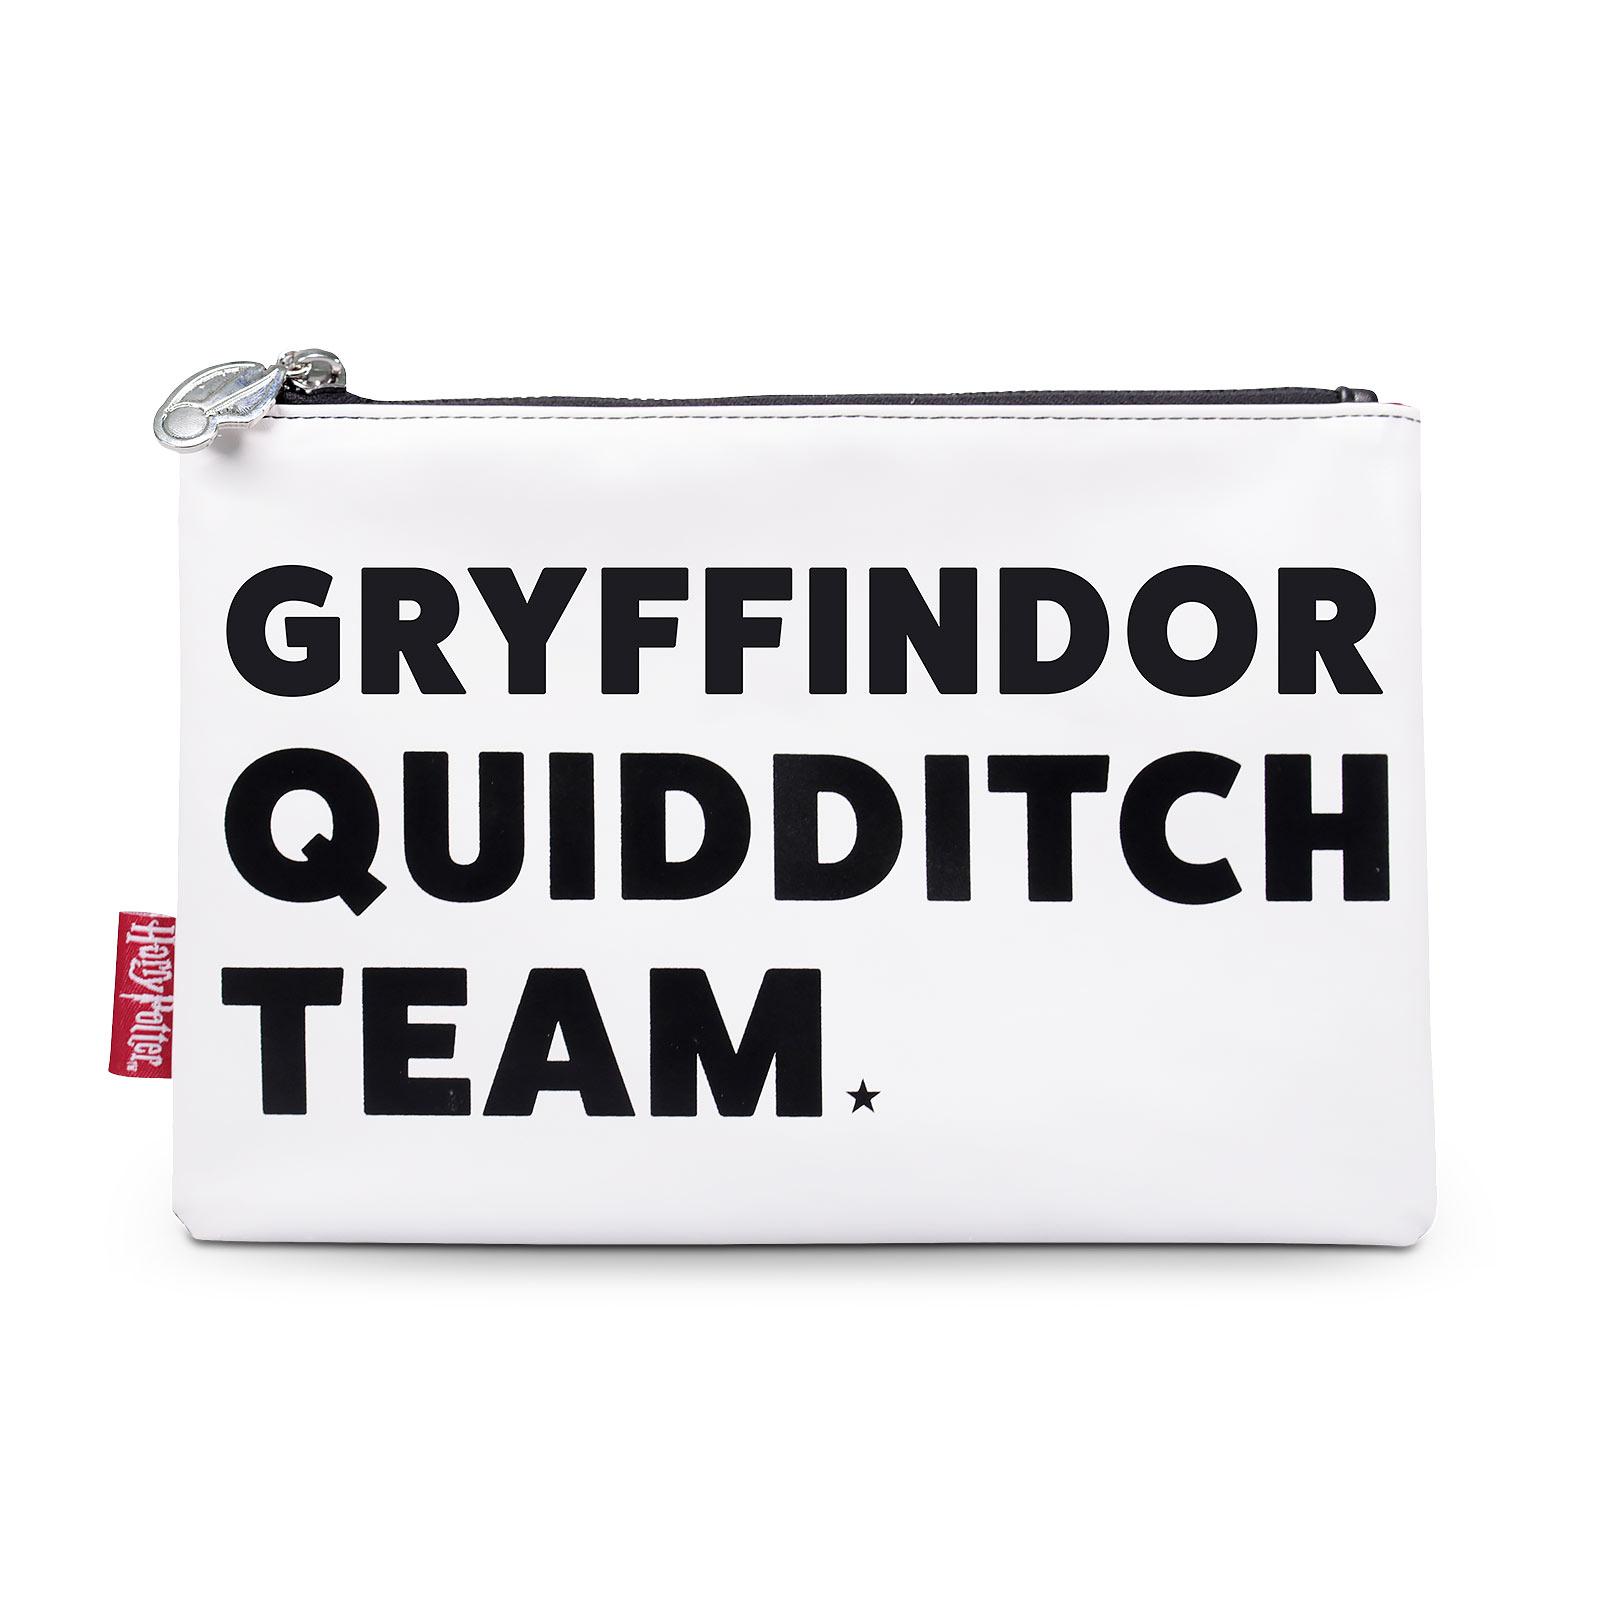 Harry Potter - Gryffindor Quidditch Team Kosmetiktasche